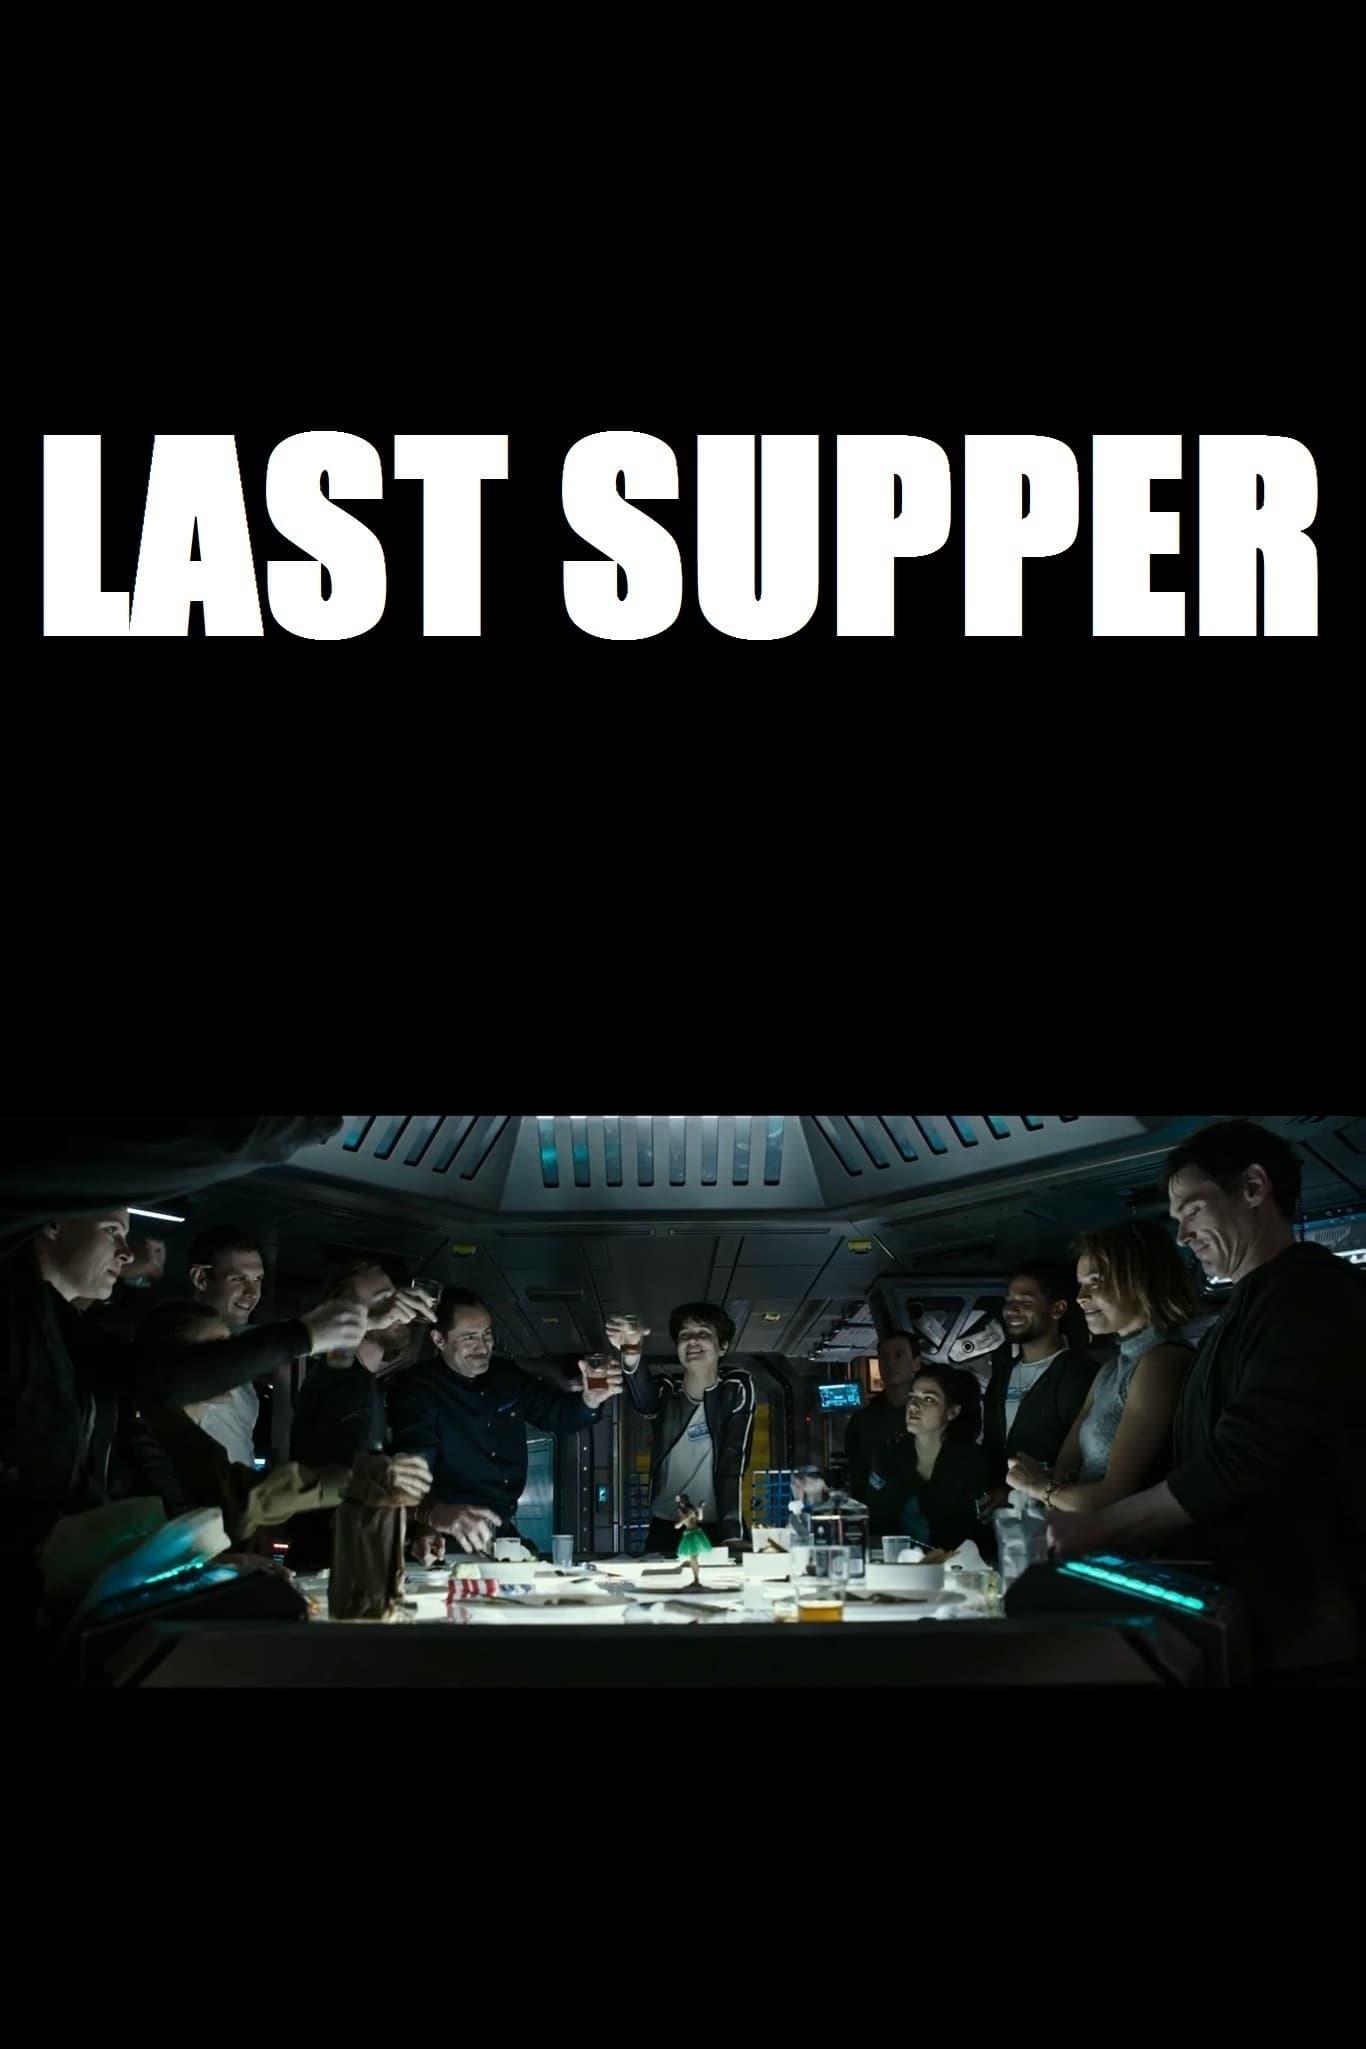 Prologue: Last Supper